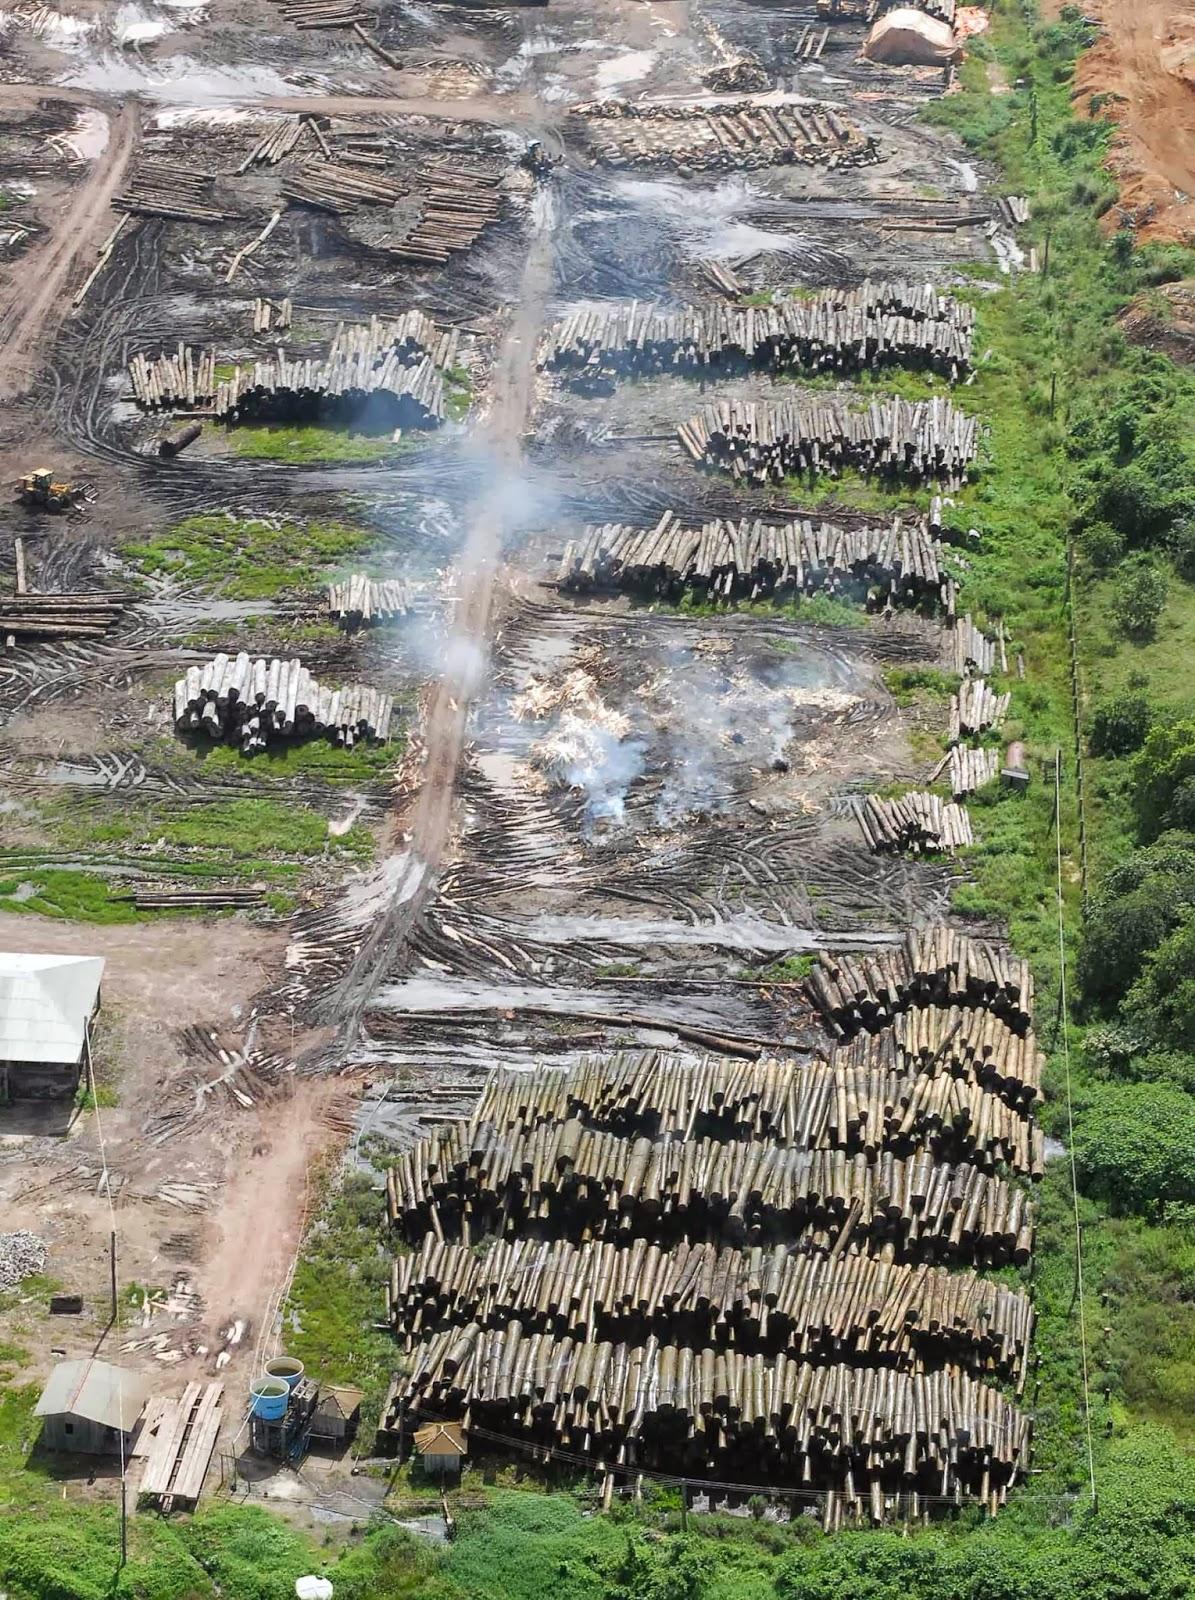 Amazônia Poderá Perder 70% de Cobertura Vegetal Até 2100